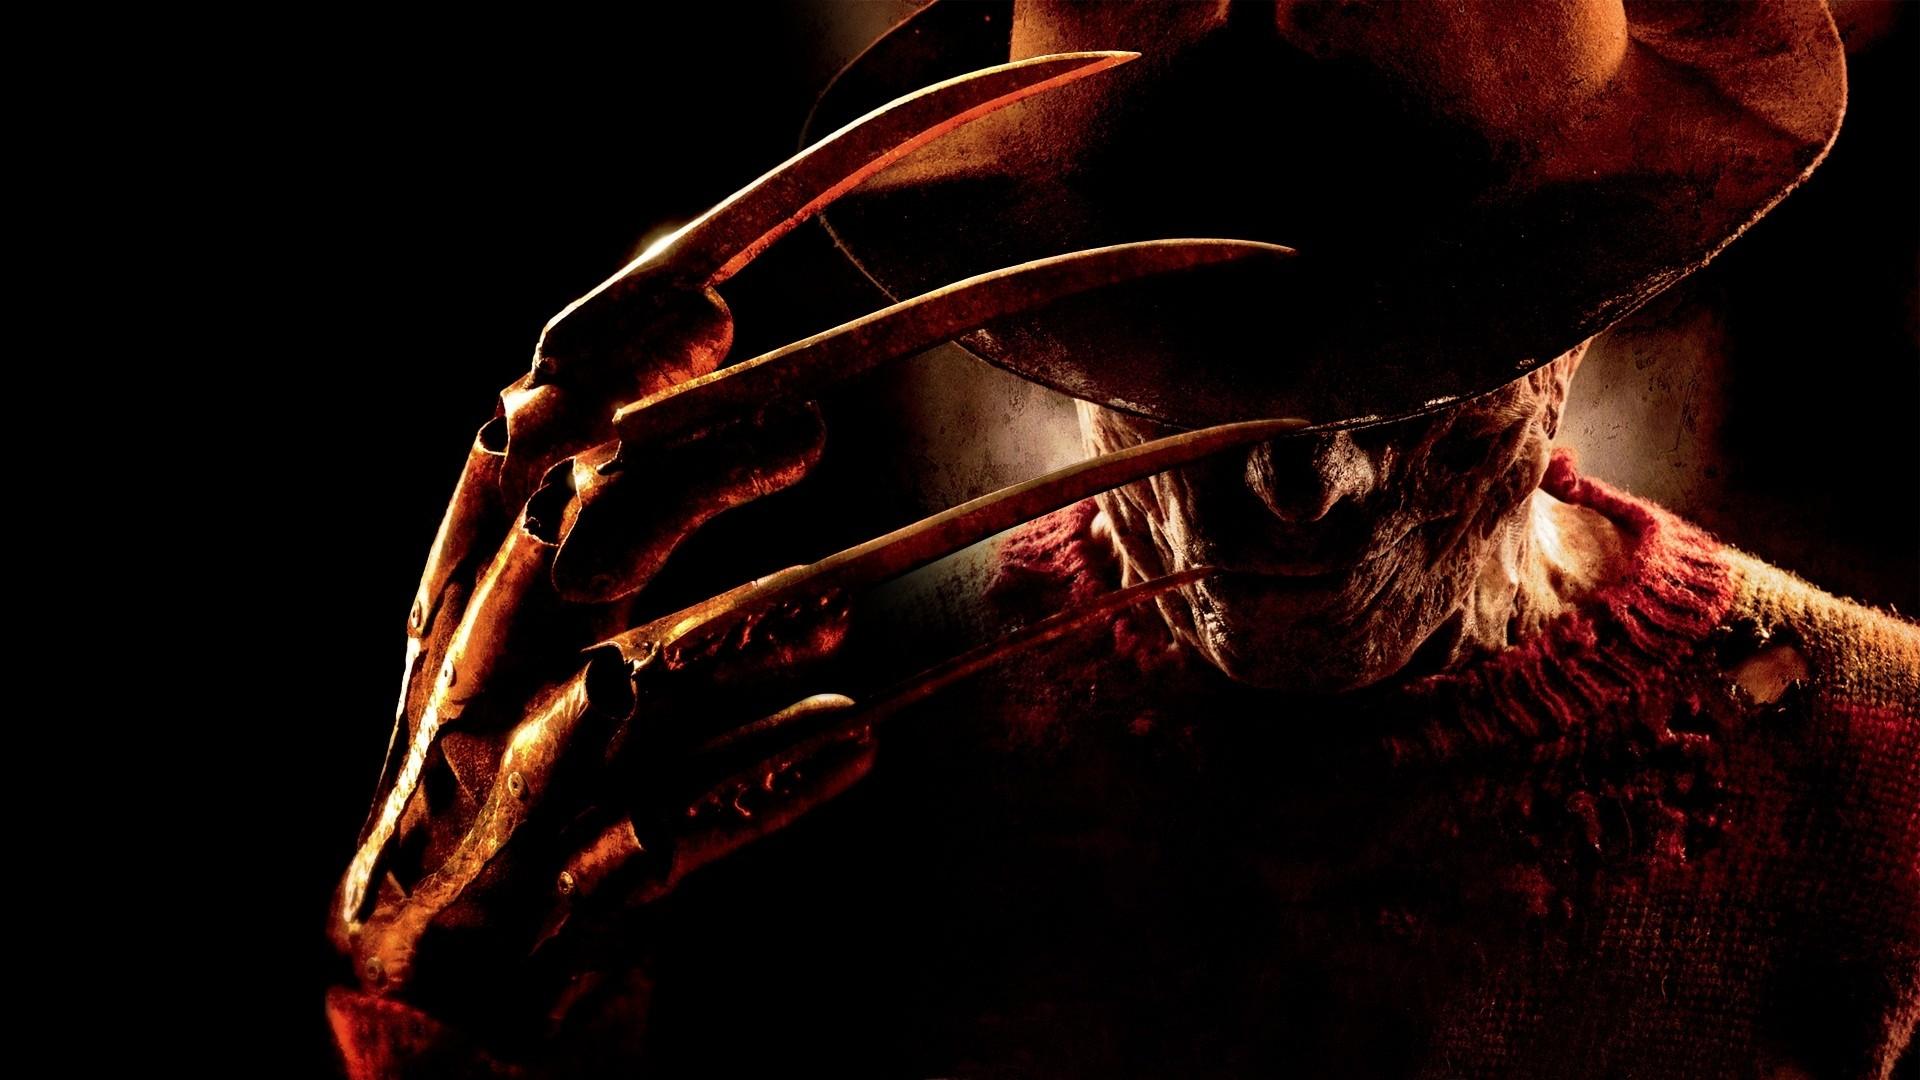 1920x1080 MK9 Freddy Krueger Fatality Wallpaper 1080p HD